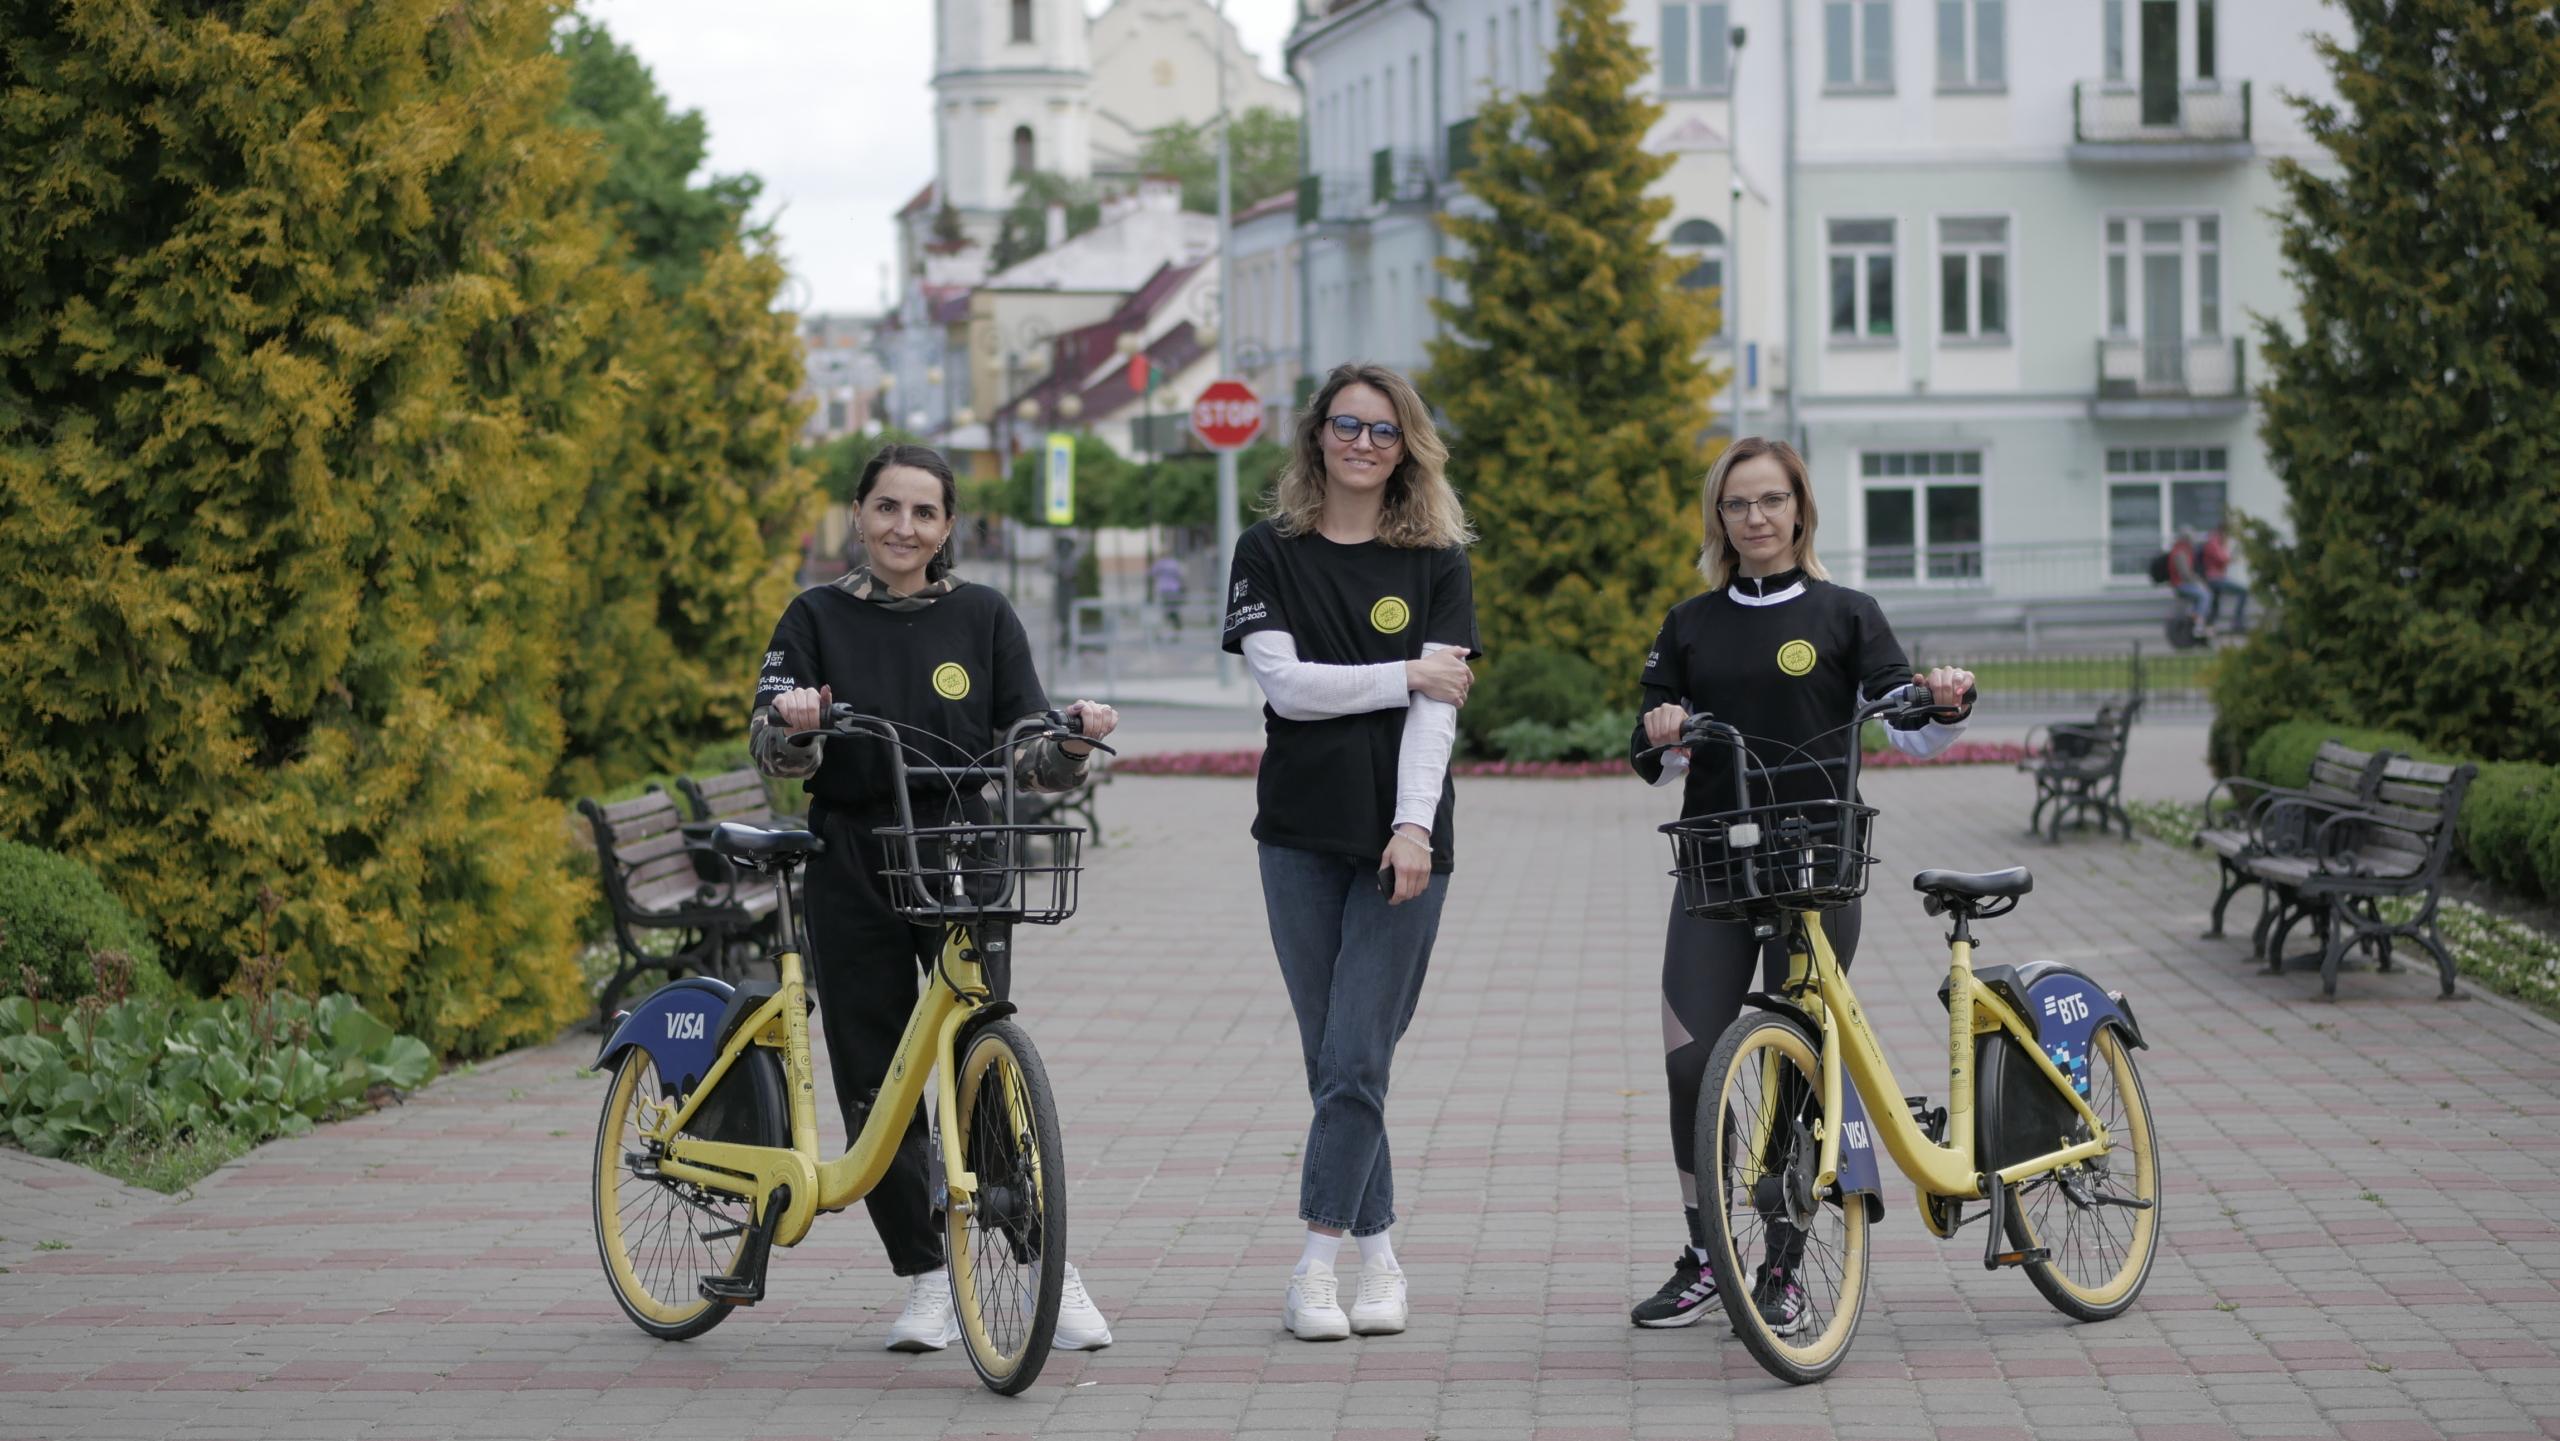 Фонд принял участие в велозаезде «Поделись дорогой» в Пинске